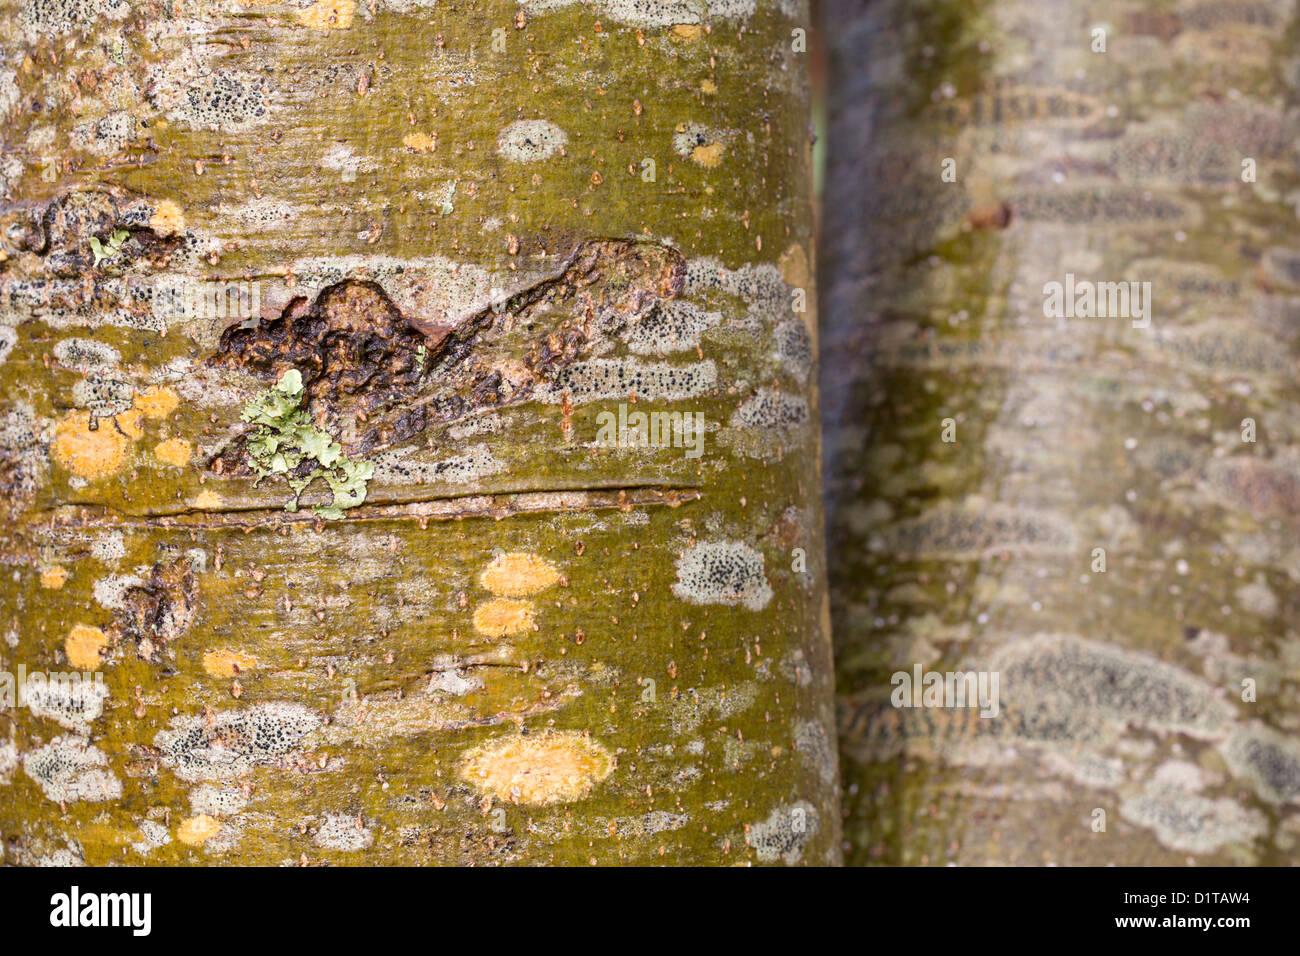 L'écorce de frêne Fraxinus excelsior; Royaume-Uni; Photo Stock